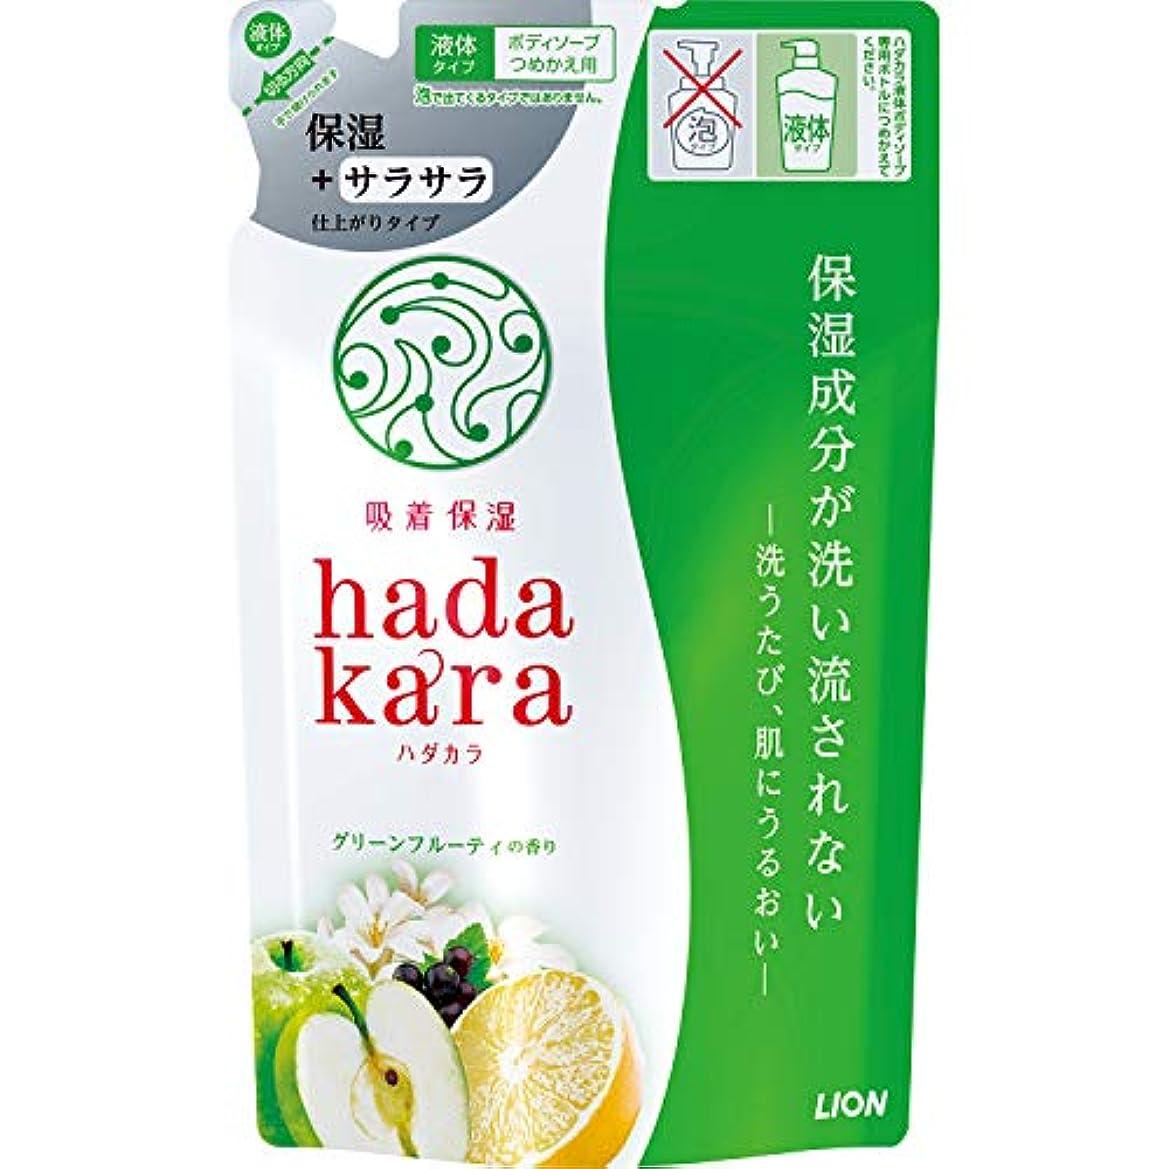 ミンチファイバクアッガhadakara(ハダカラ) ボディソープ 保湿+サラサラ仕上がりタイプ グリーンフルーティの香り 詰め替え 340ml